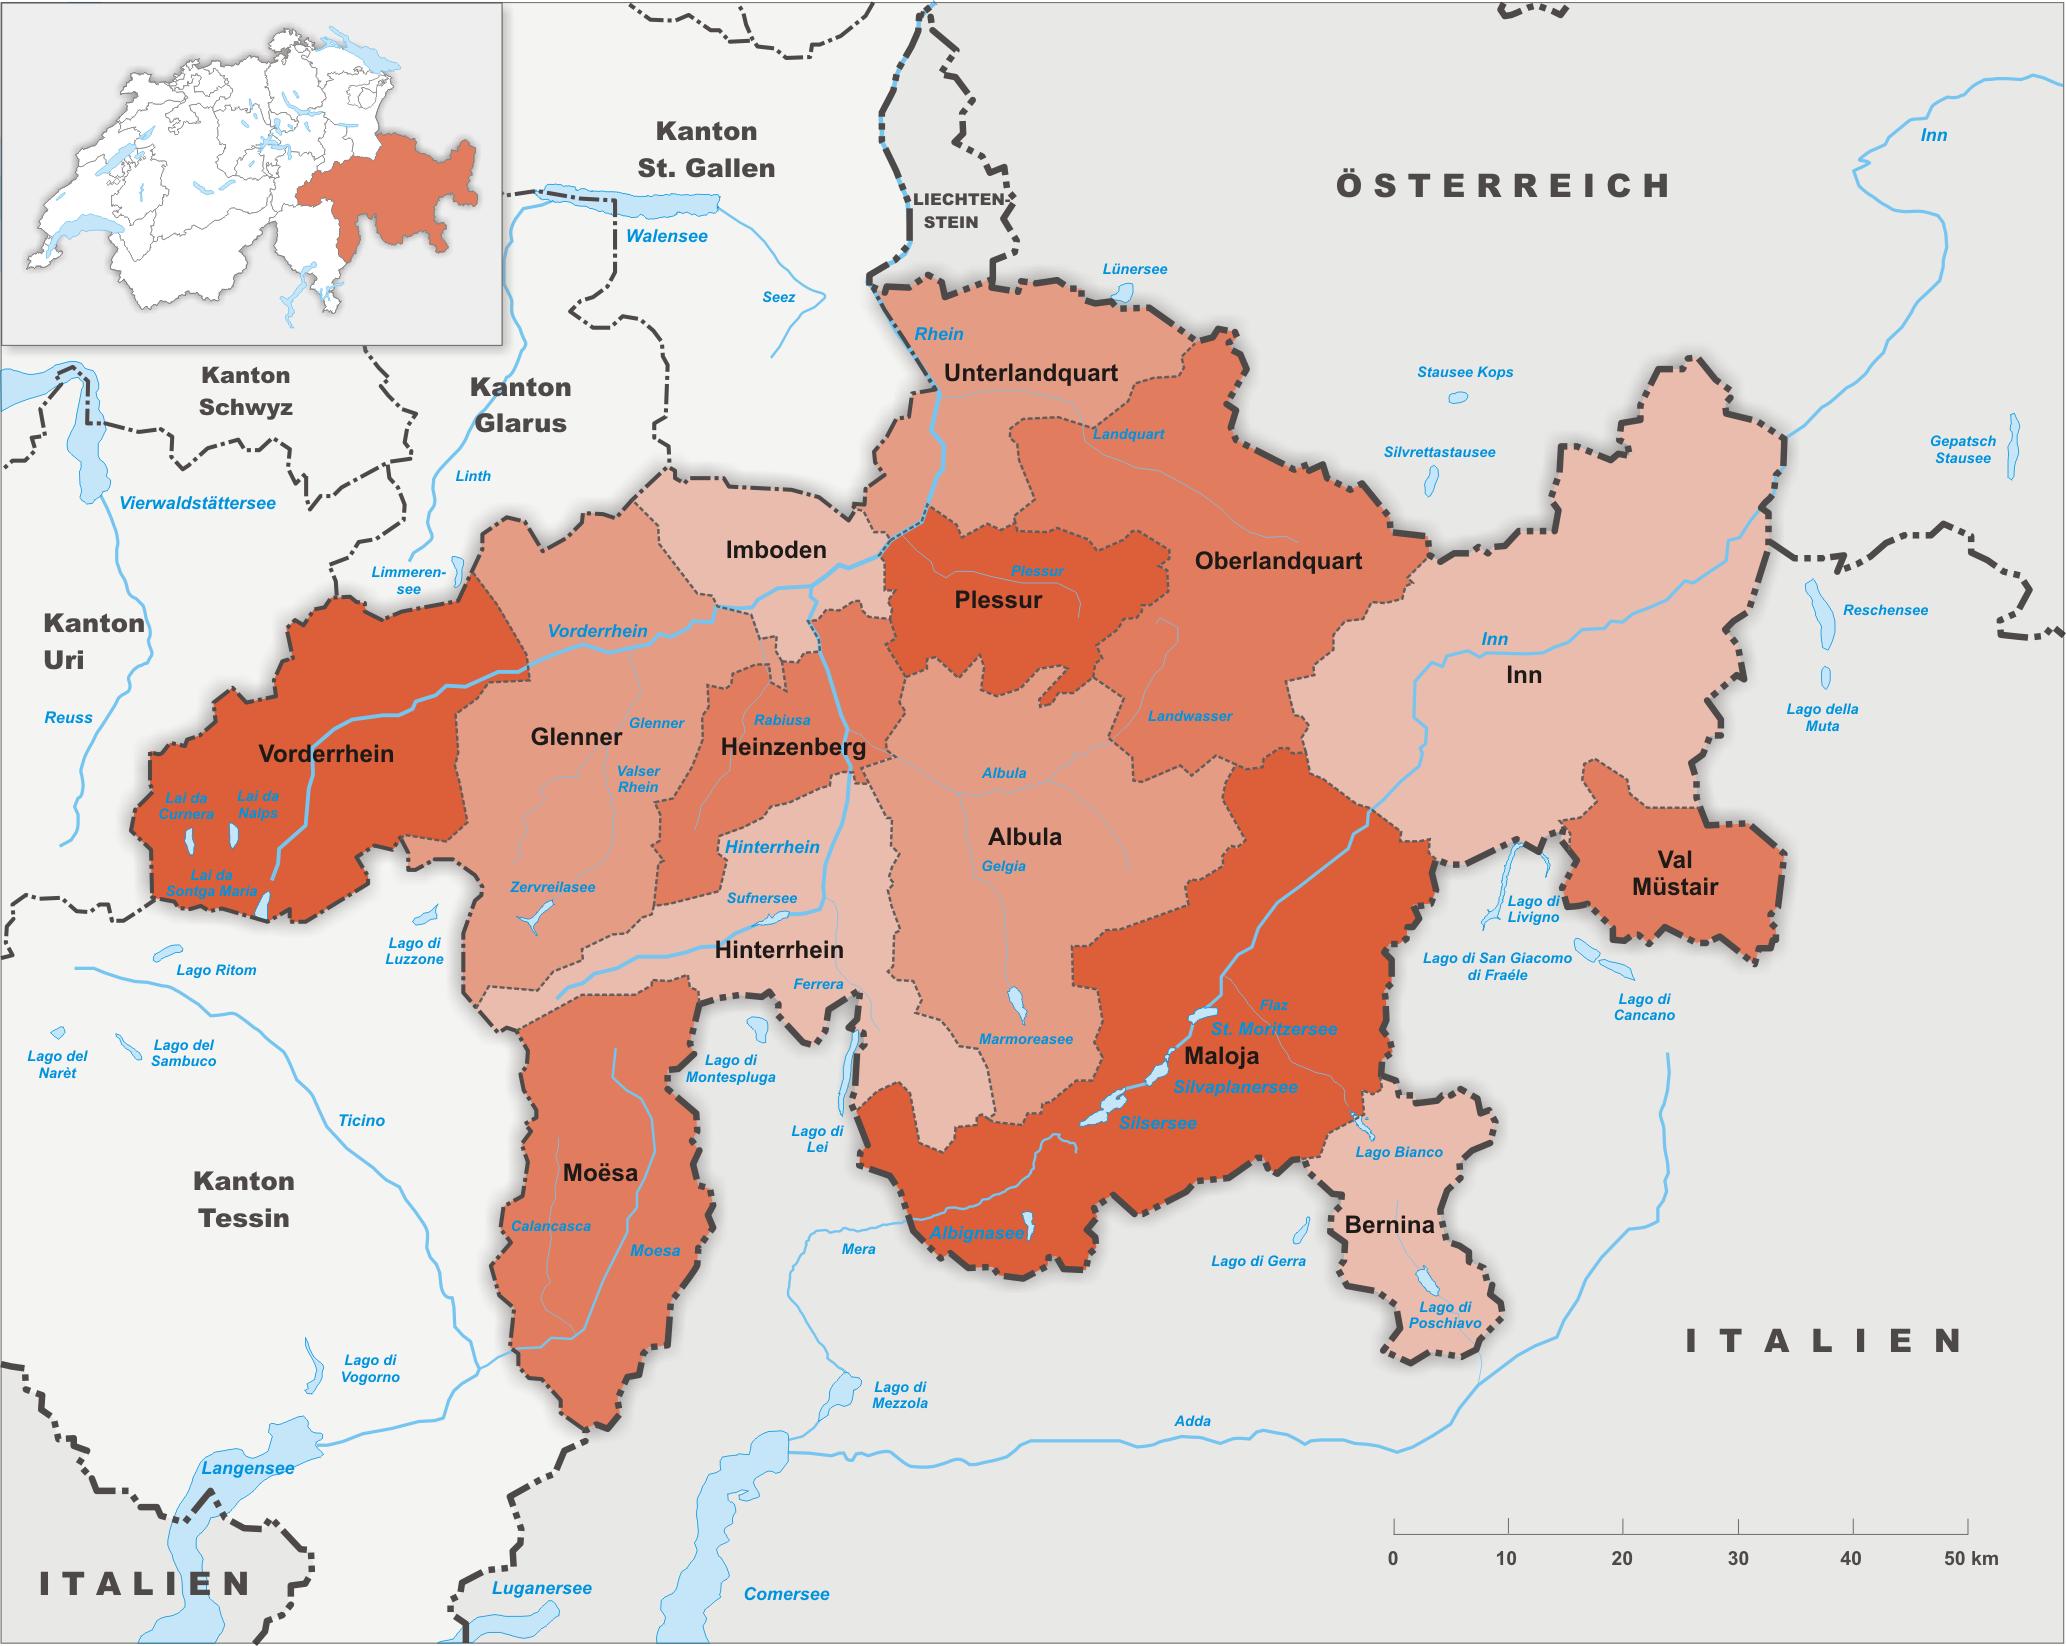 Bezirke des Kantons Graubünden bis 2000